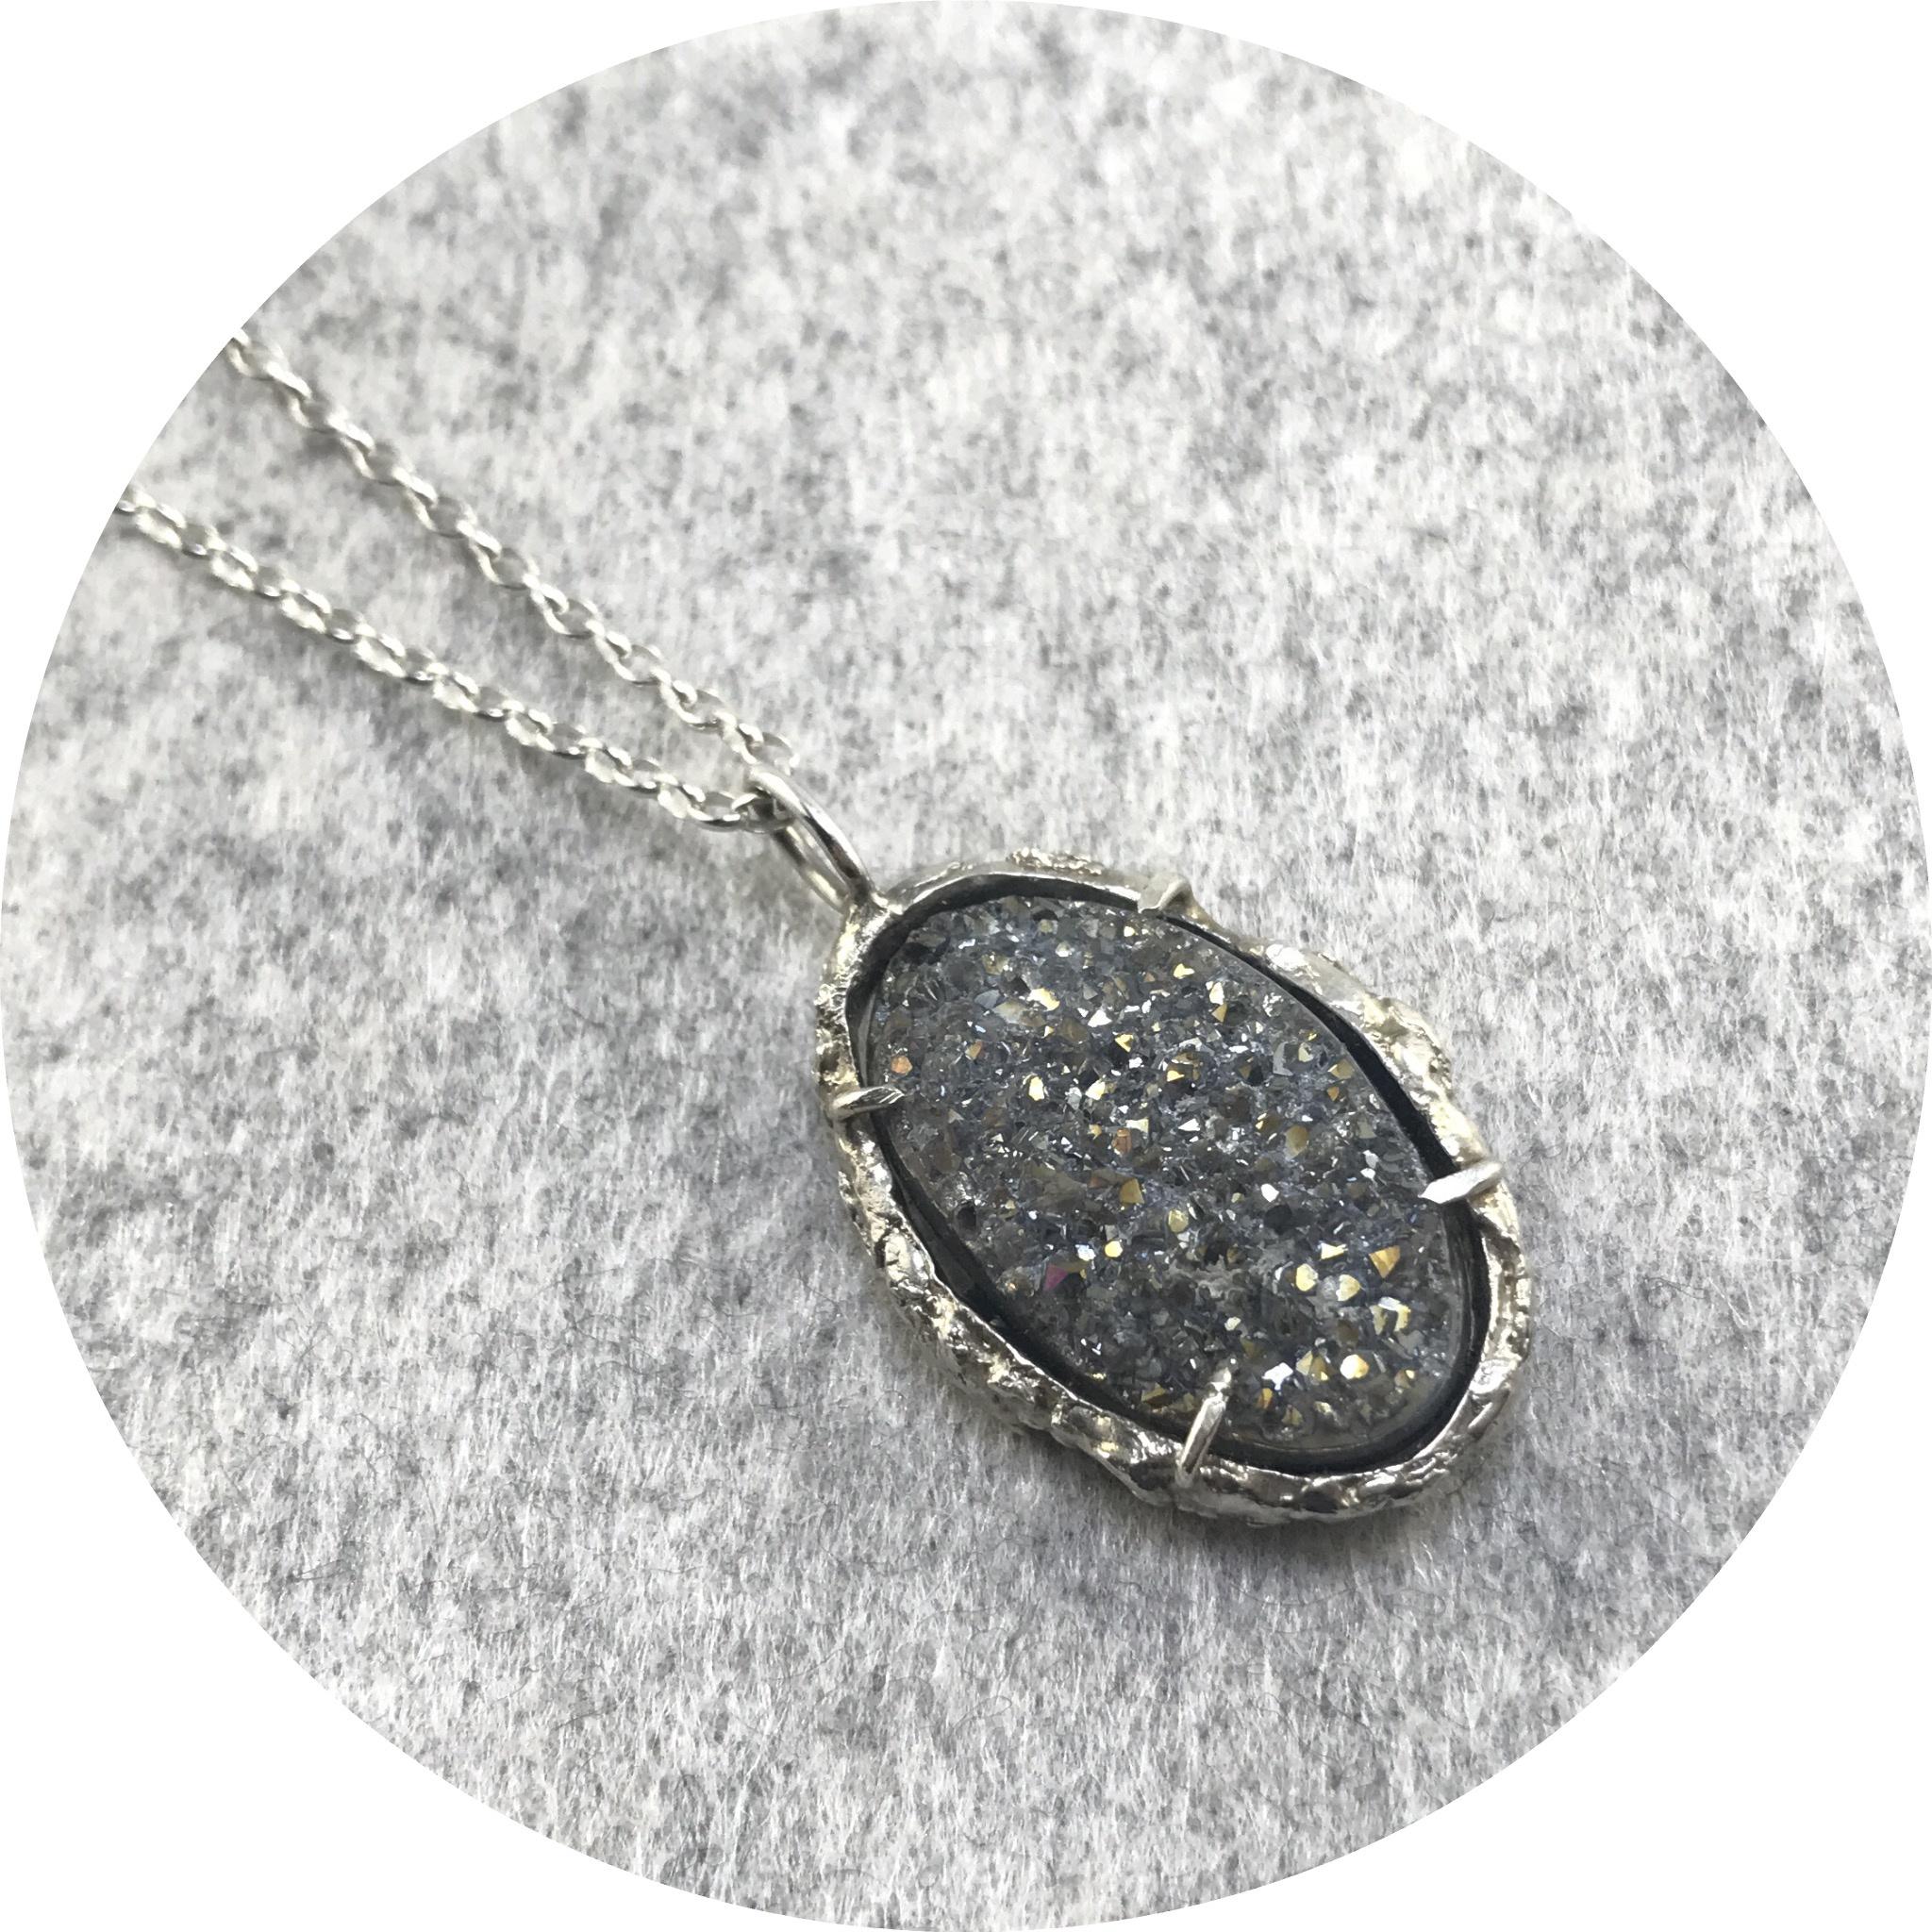 Lizzie Slattery- Druzy Necklace. Sterling silver and druzy quartz.